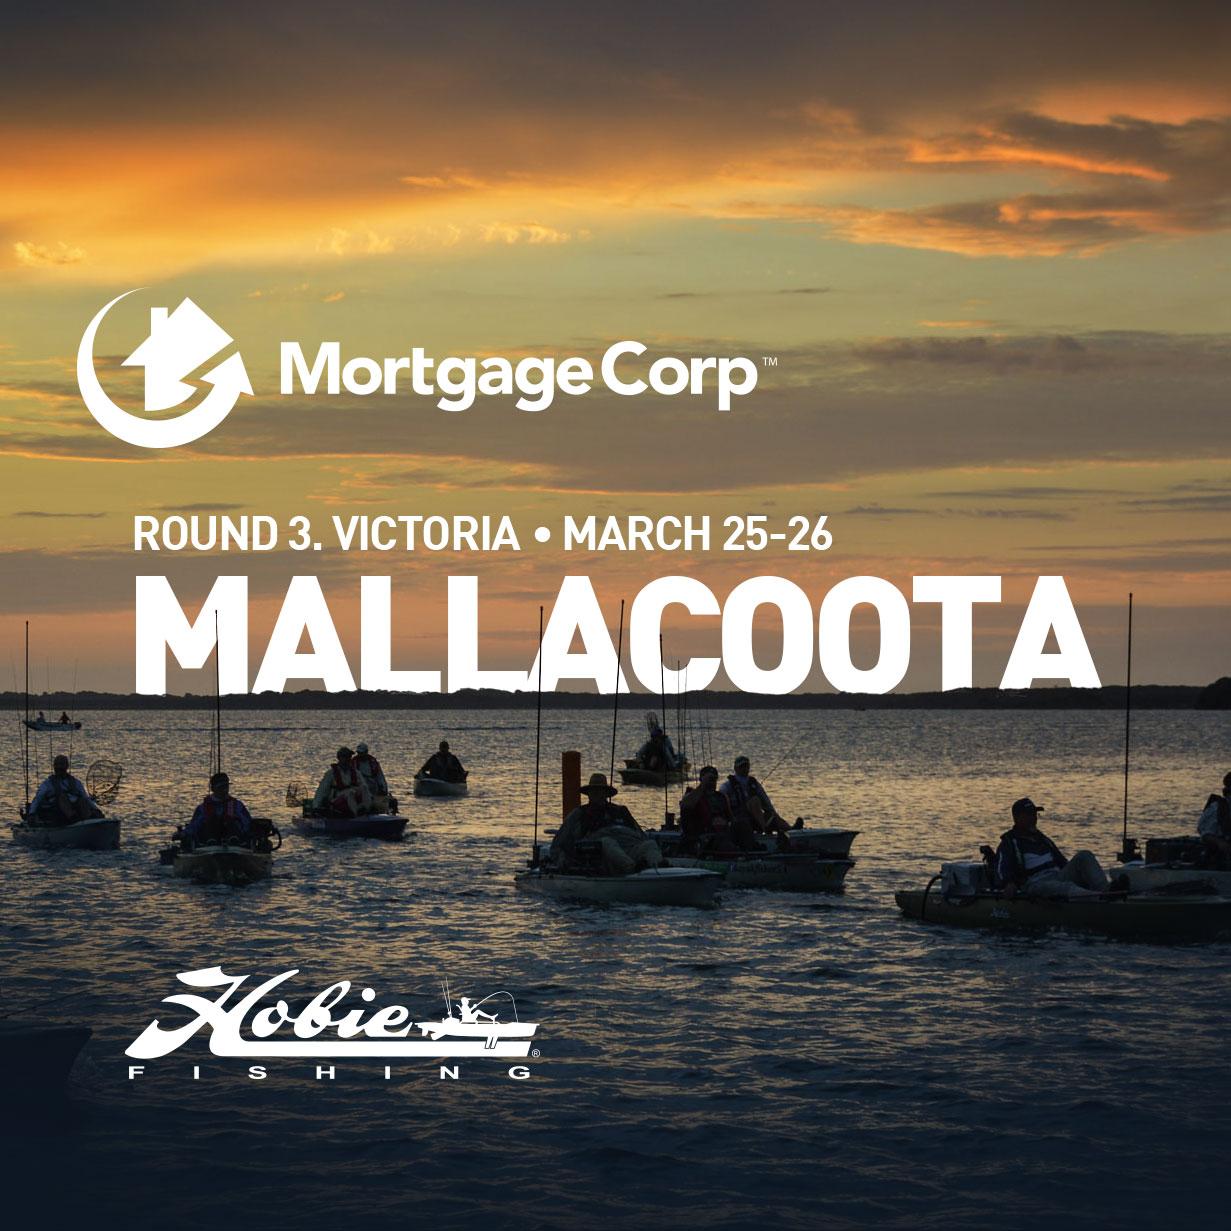 Mortgage Corp Round 3. Mallacoota, Victoria.